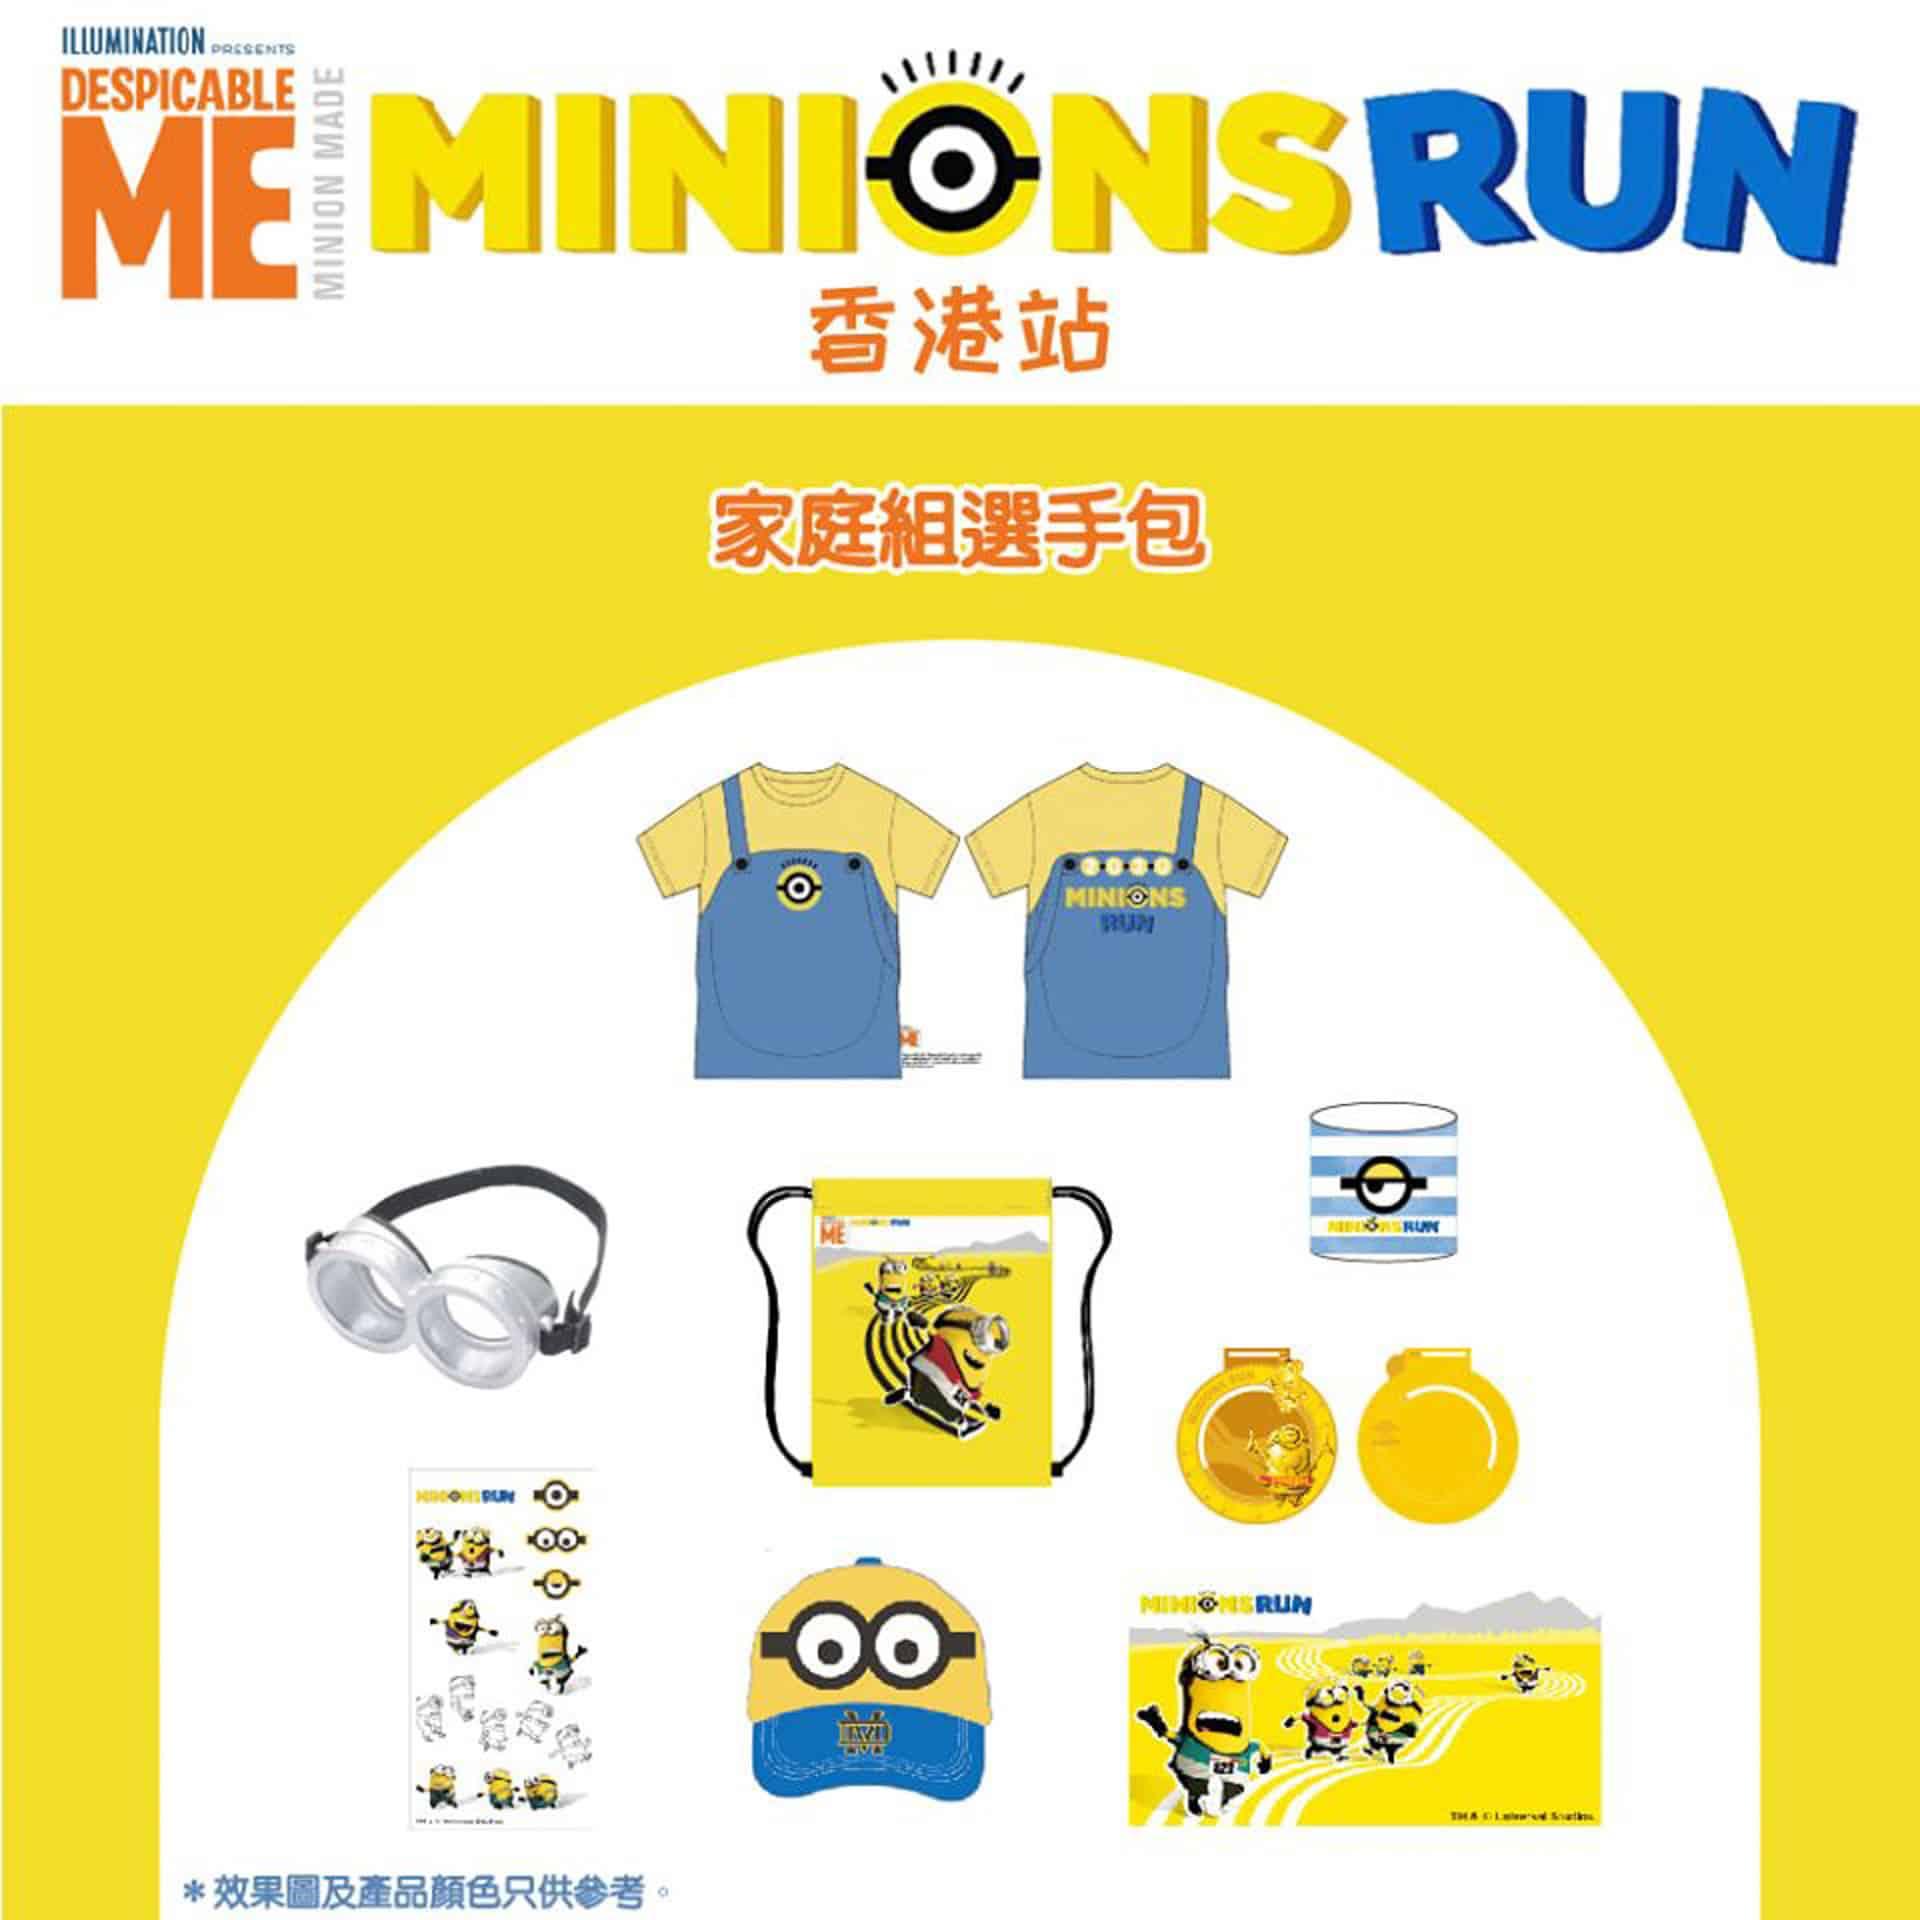 科學園:Minions Run HongKong 家庭組選手包